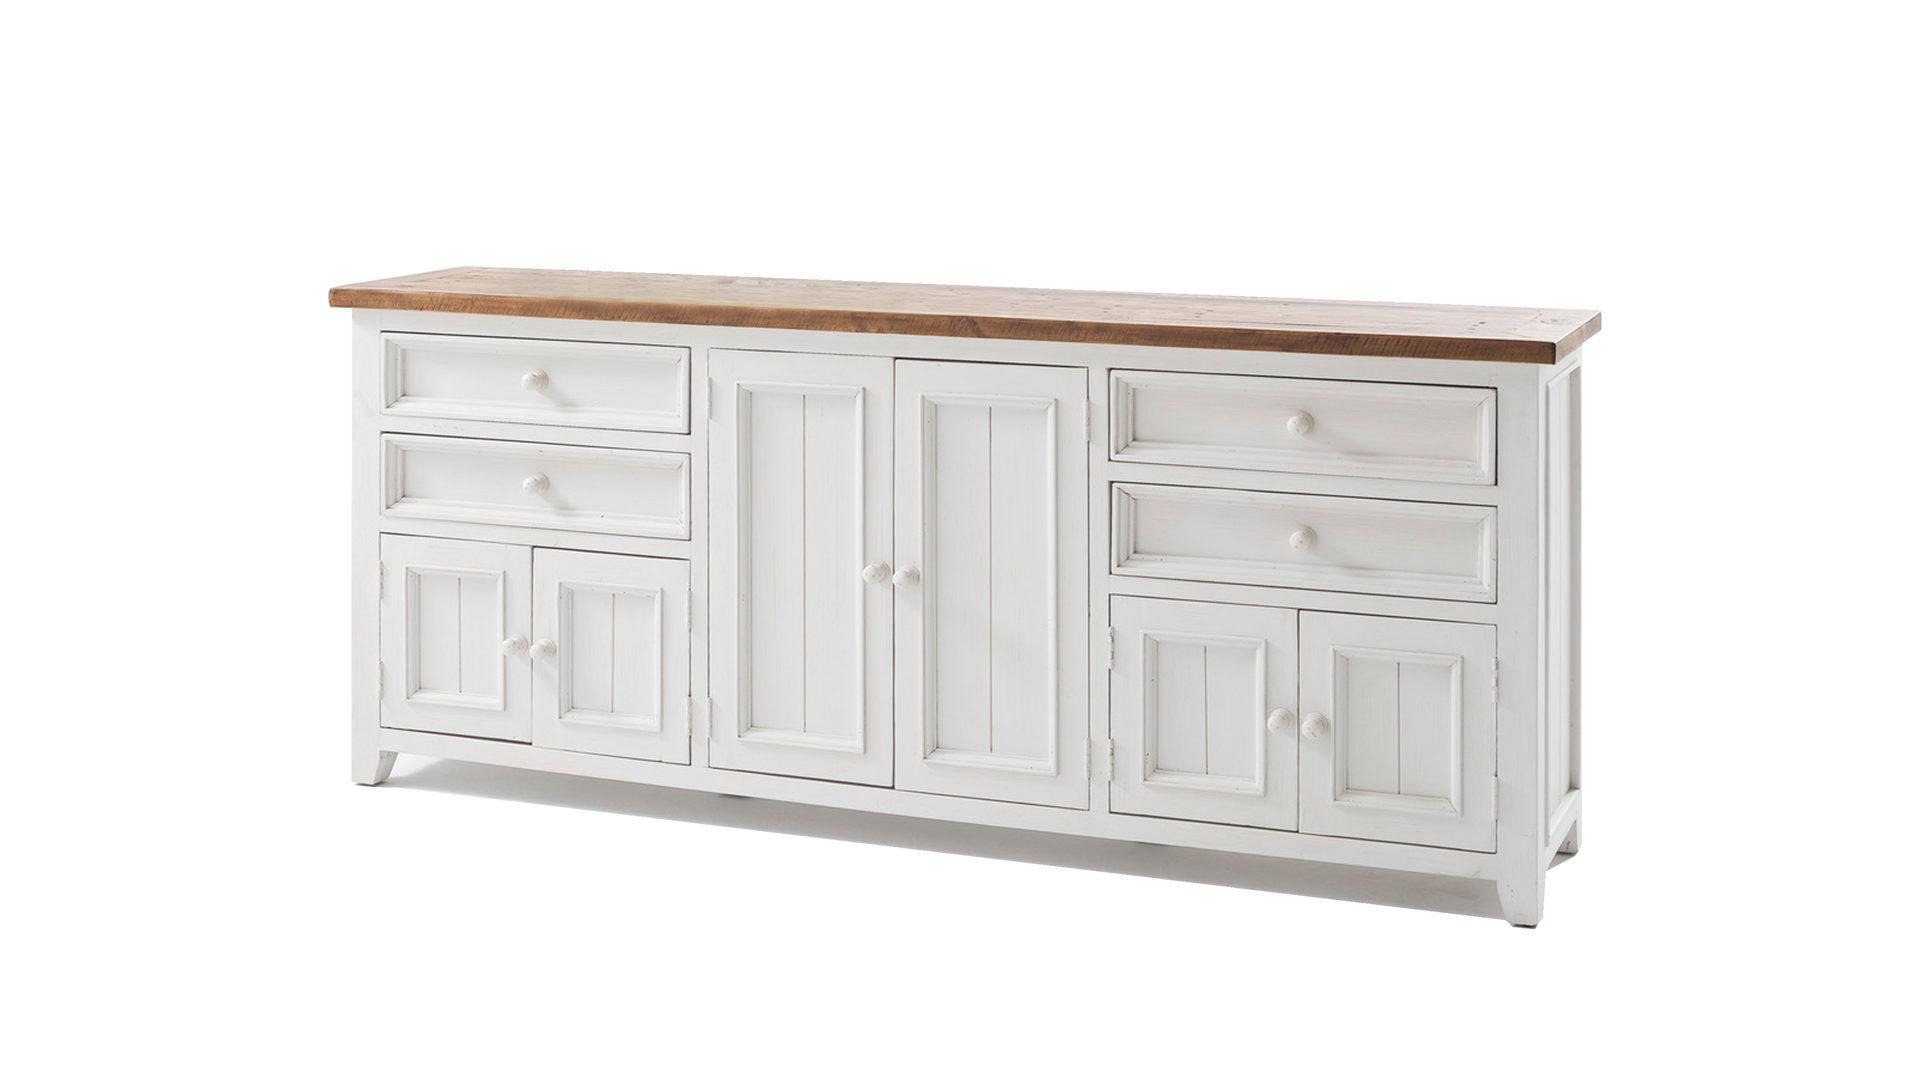 Massivholzmöbel sideboard  Hertel Möbel Gesees | Räume | Wohnzimmer | Kommoden + Sideboards ...